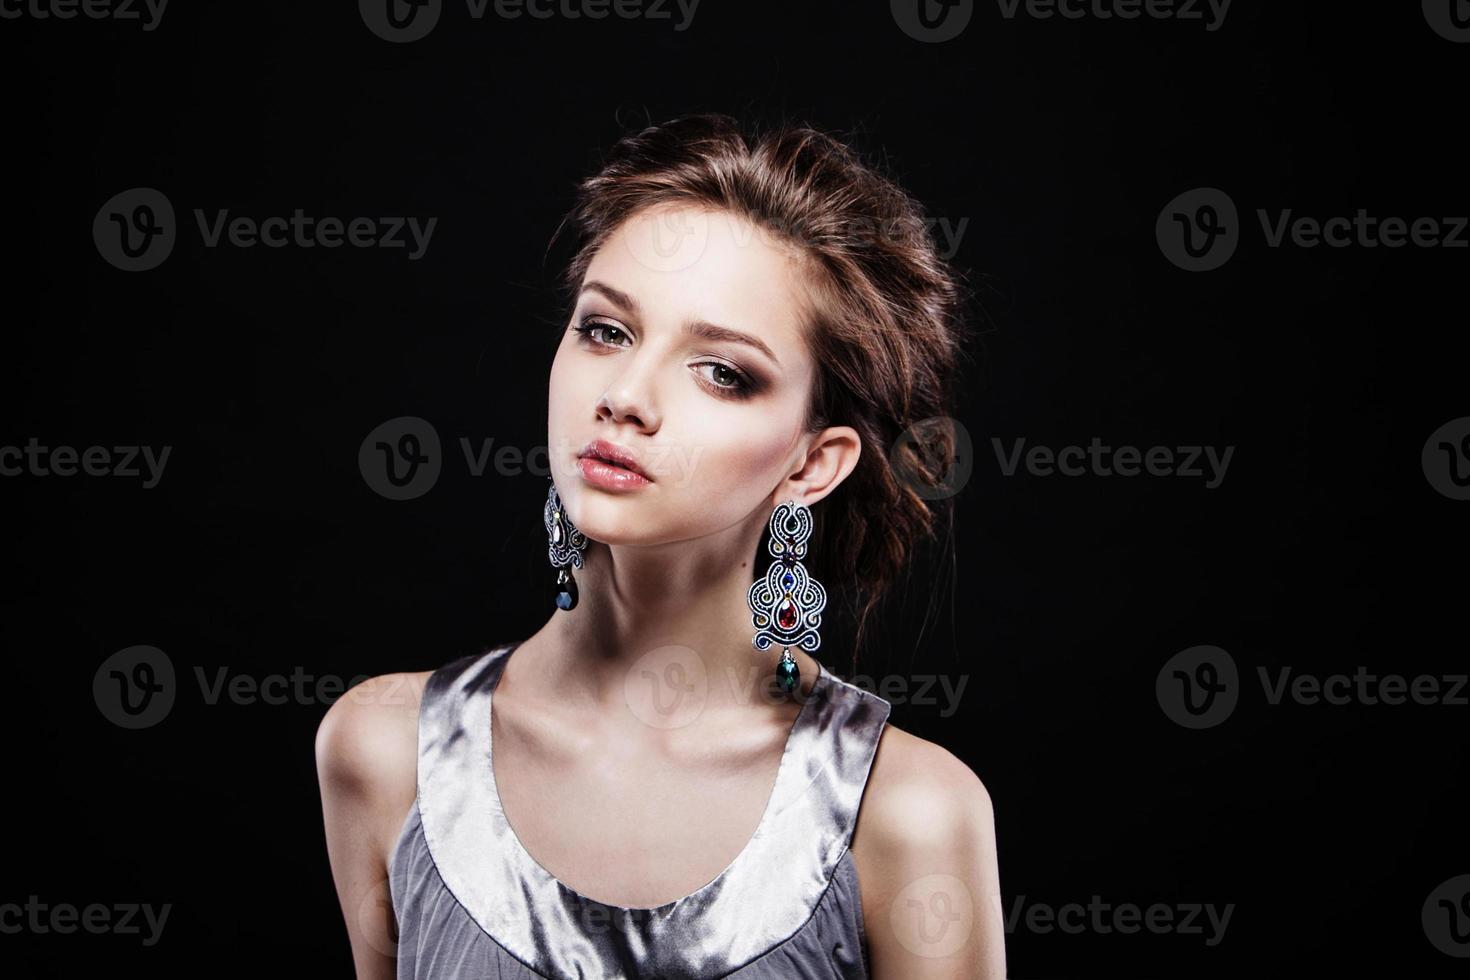 mujer hermosa con maquillaje de noche. foto